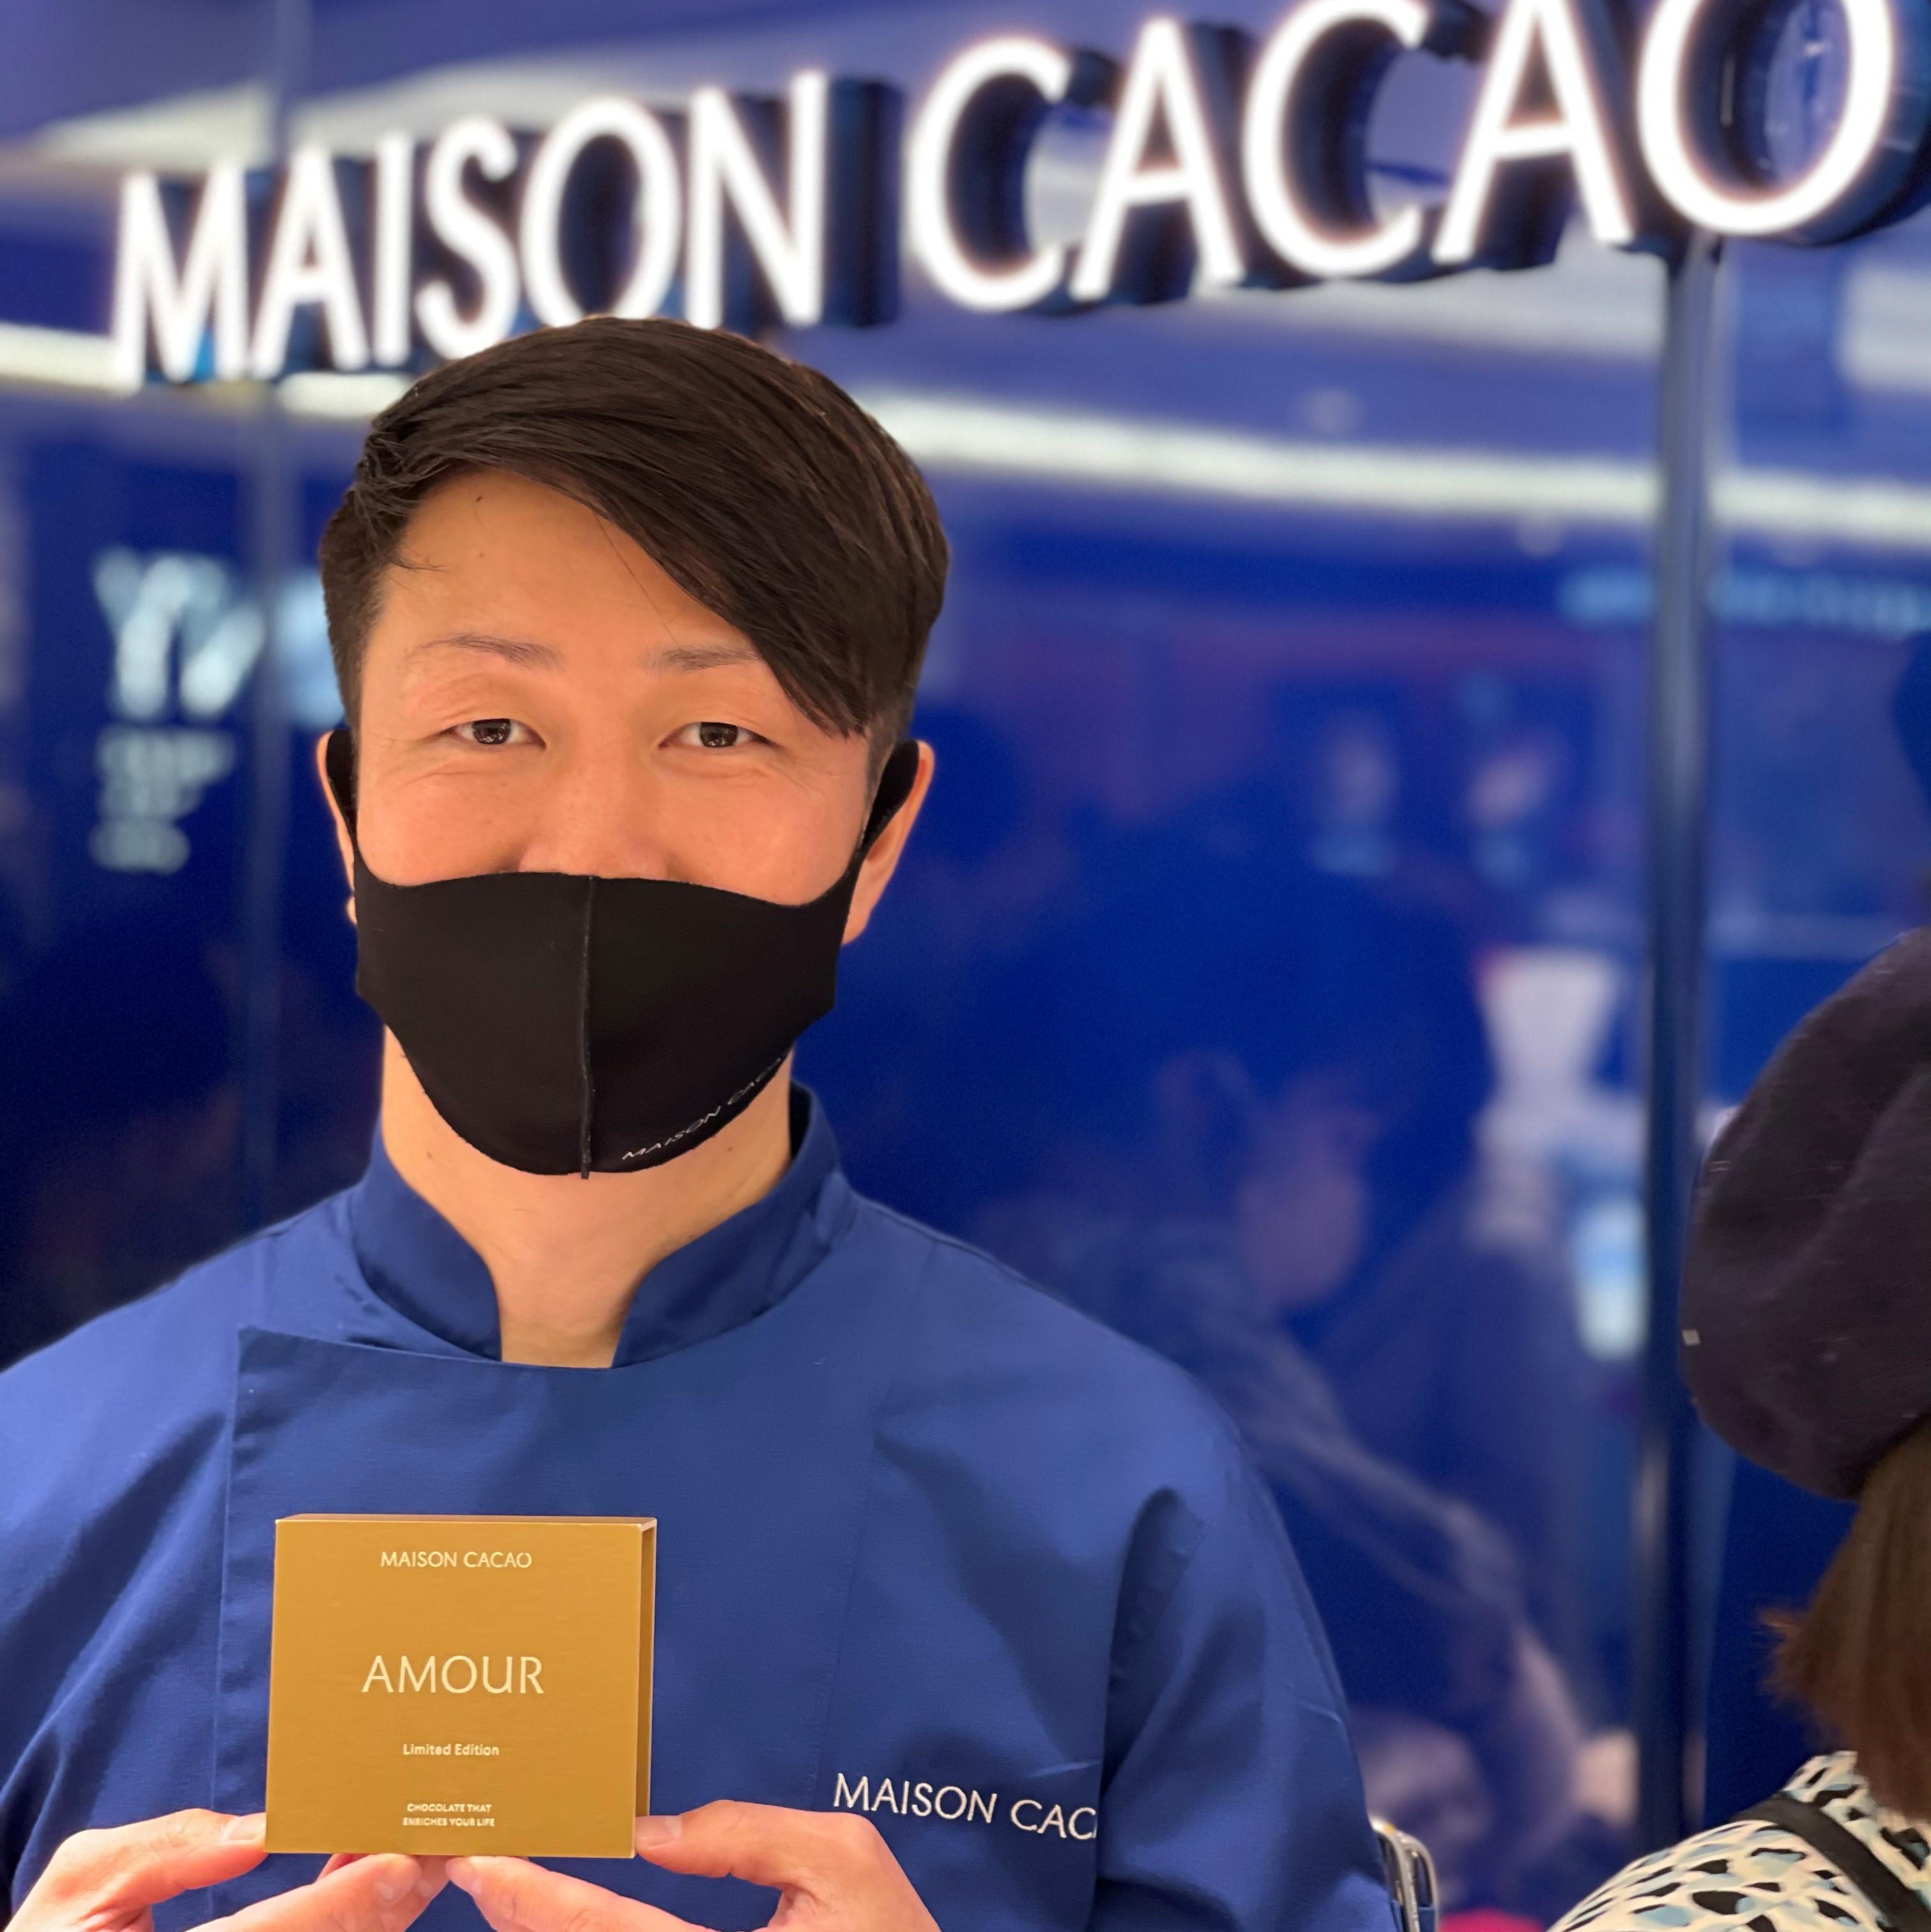 名古屋タカシマヤ地下に「メゾンカカオ(MAISON CACAO)」がオープン!極上の口どけを楽しむ、新作チョコレートスイーツが先行発売 - IMG 7101a